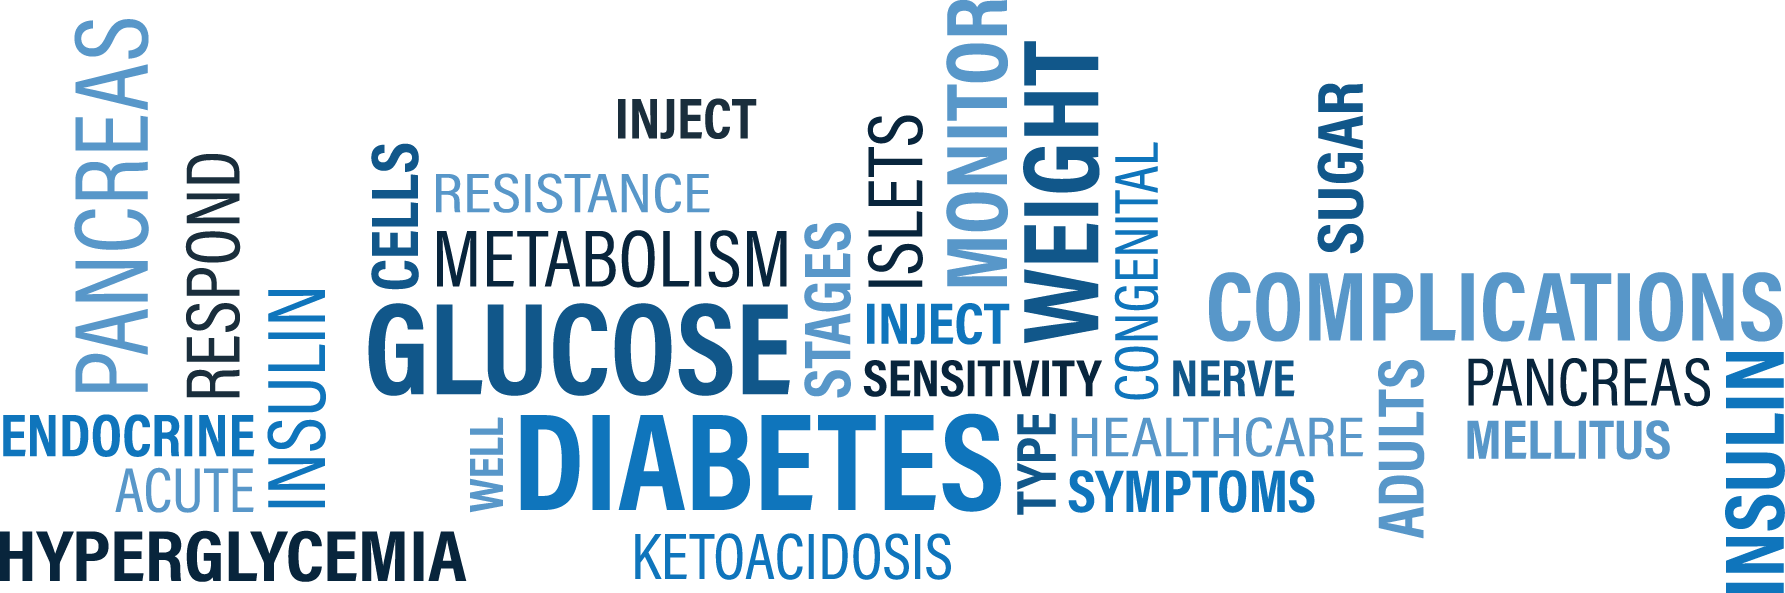 diabetes-awareness.png